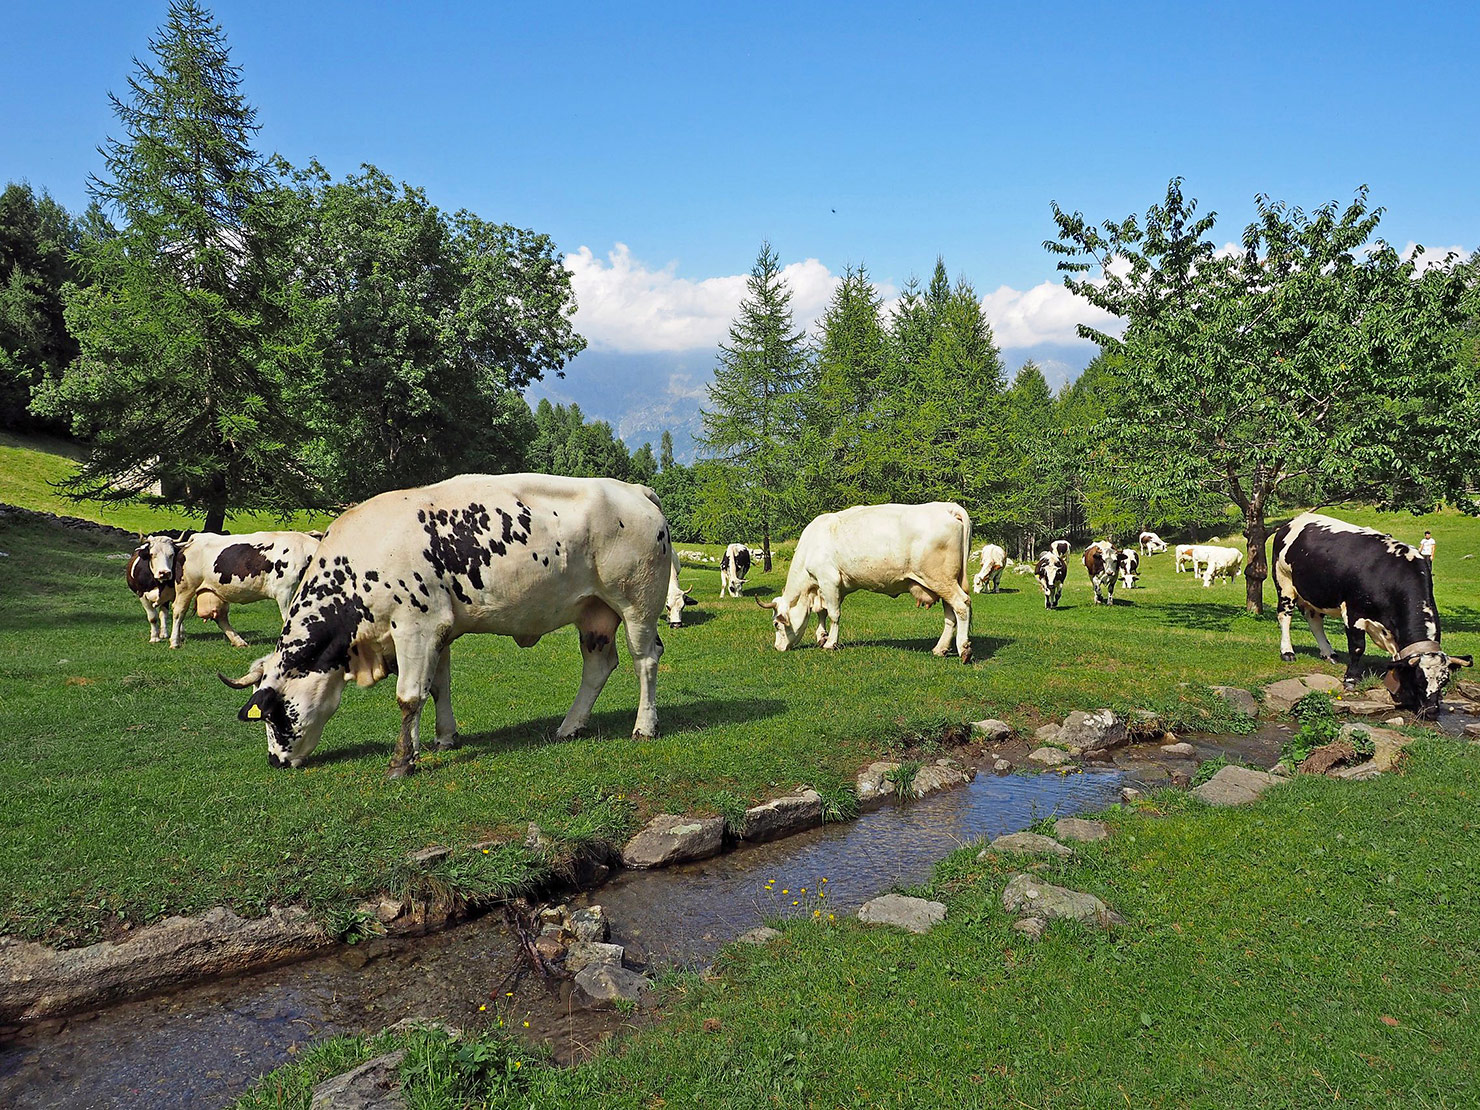 P8310129-le-mucche-al-pascolo-davanti-al-rifugio-Amprimo.jpg